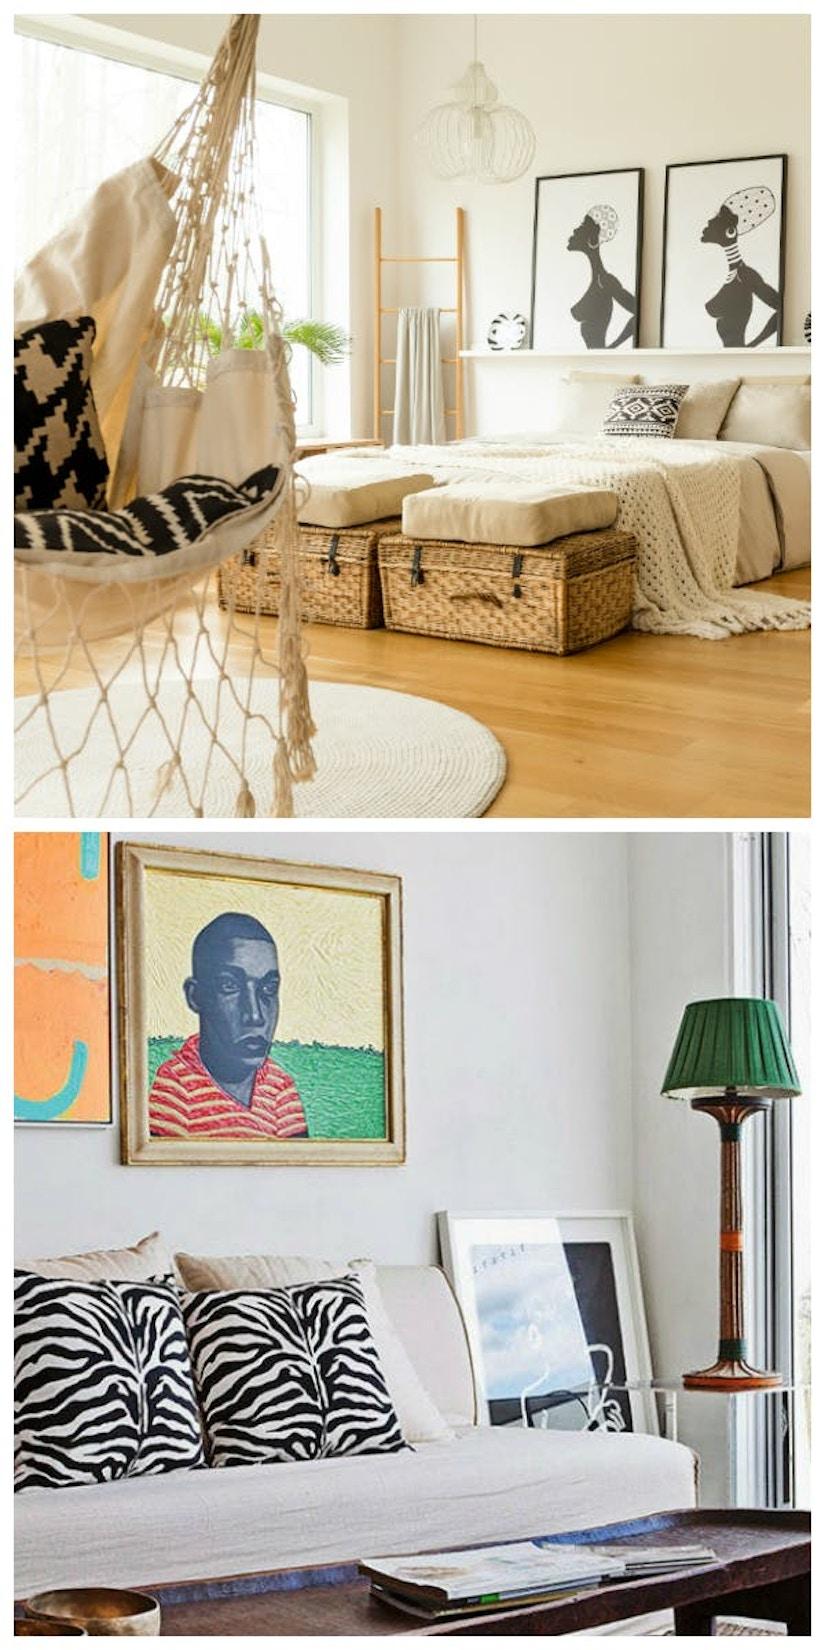 Collage des Wohnstils Boho Chic